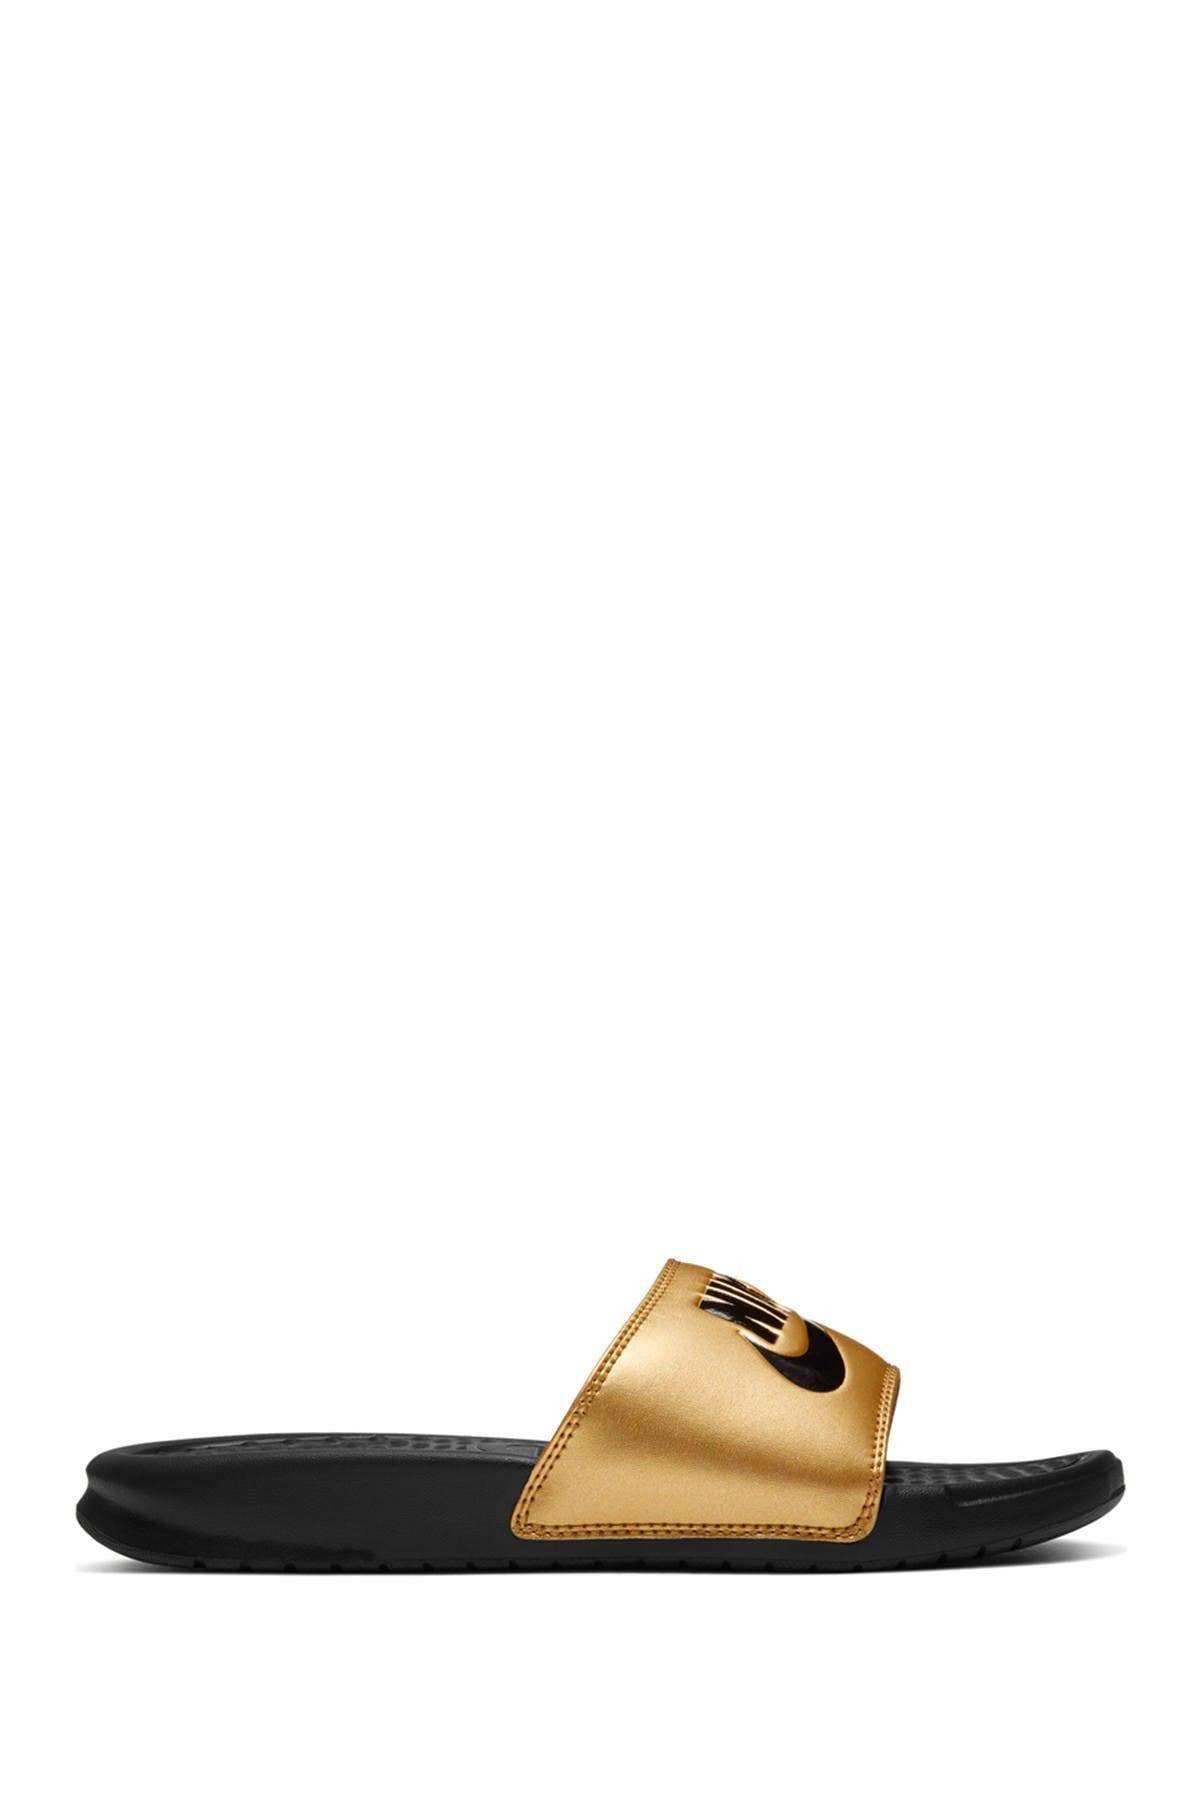 Nike Sandals for Women   Nordstrom Rack